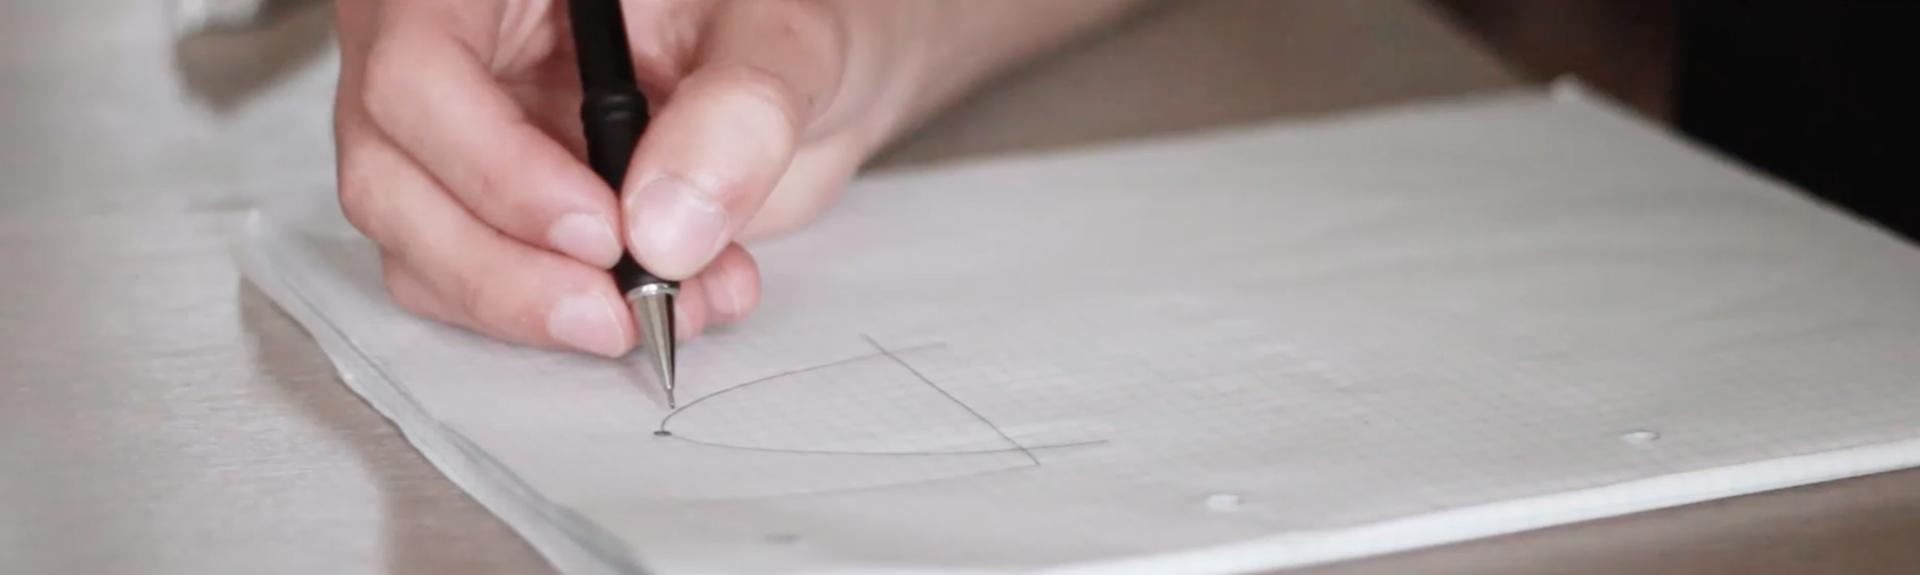 Skræddersyet lektiehjælp øger skoleglæden og den faglige selvtillid